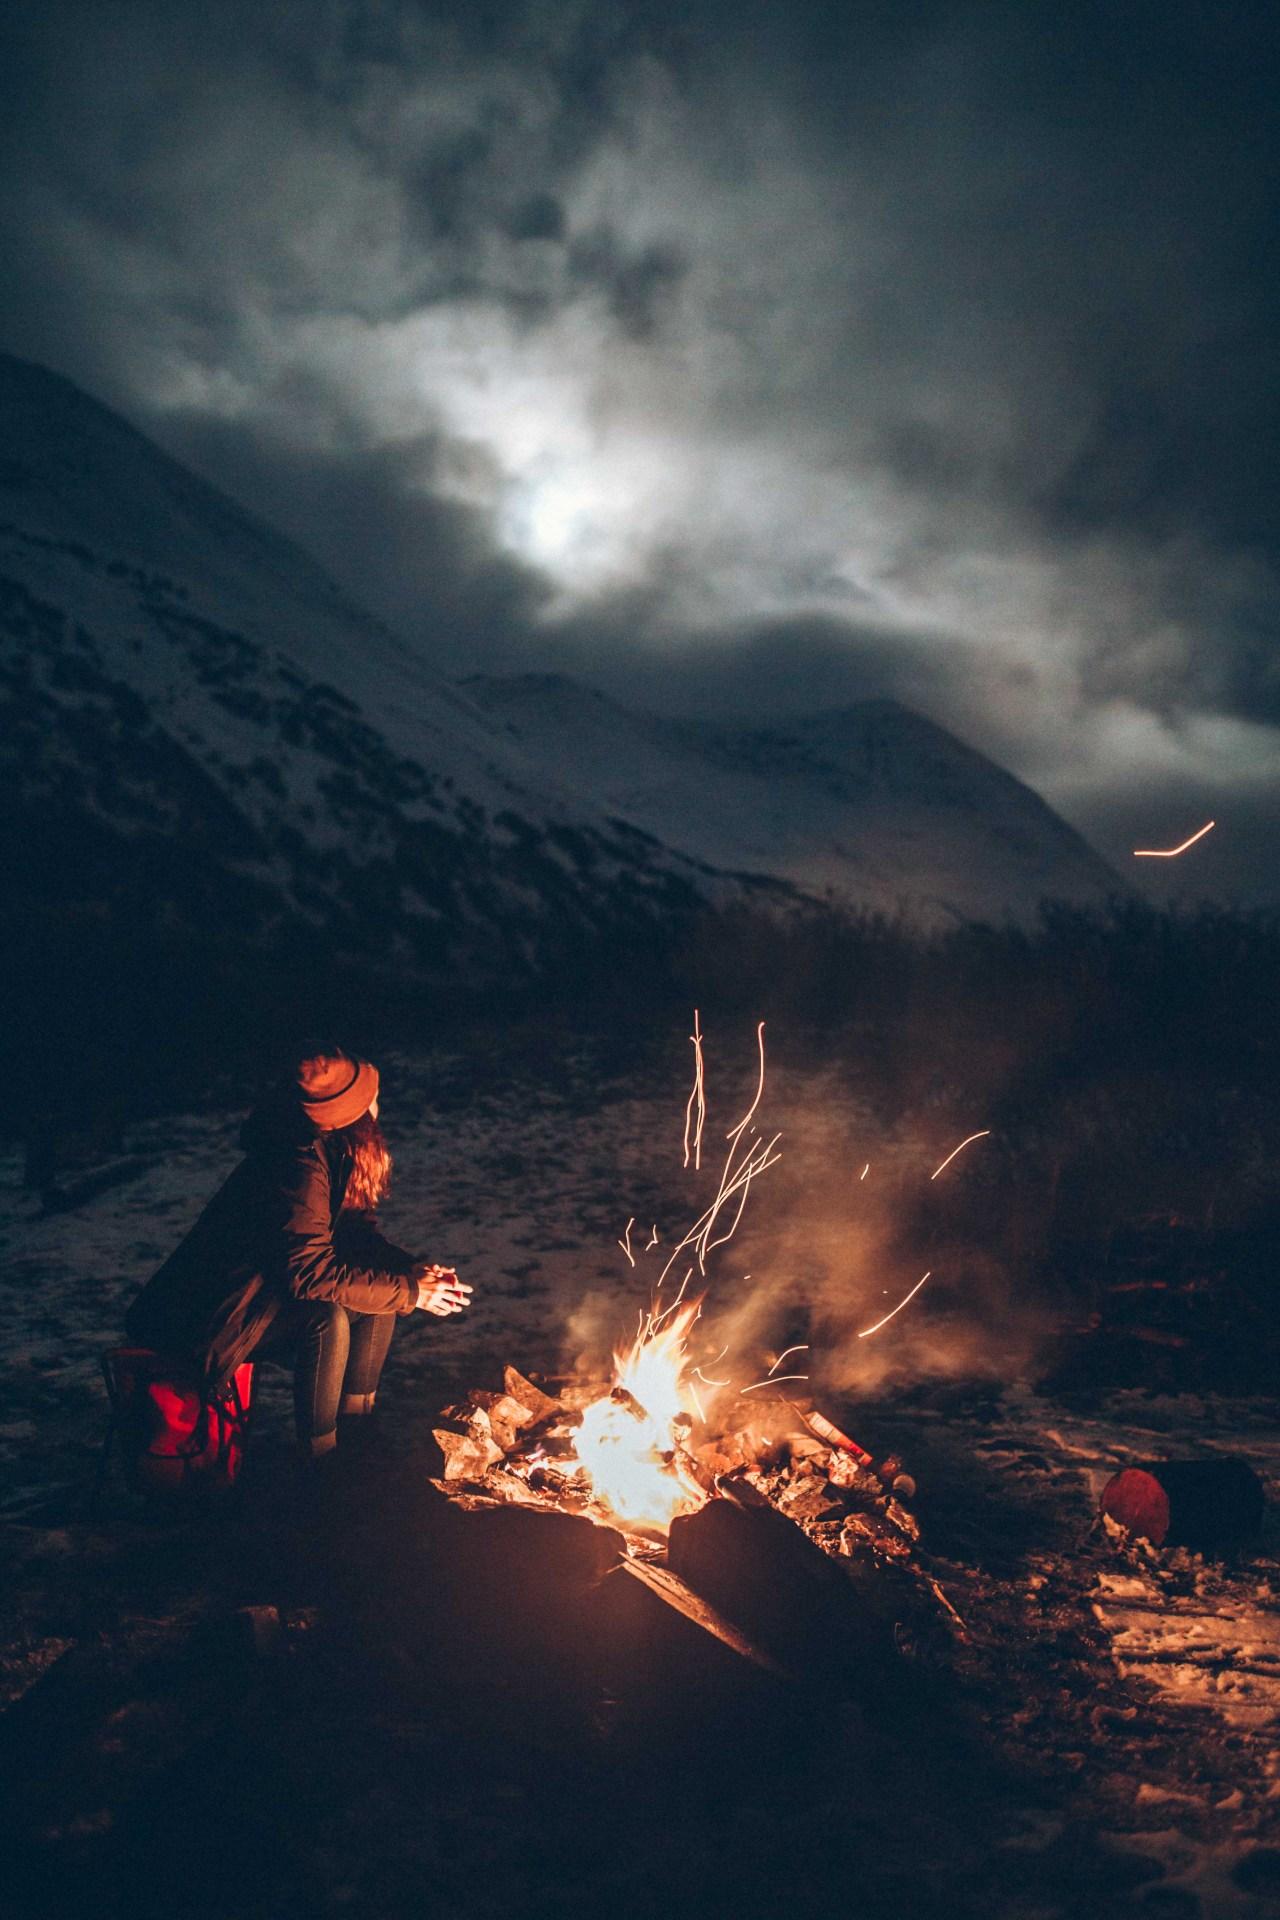 Hình ảnh đêm buồn trên đỉnh núi